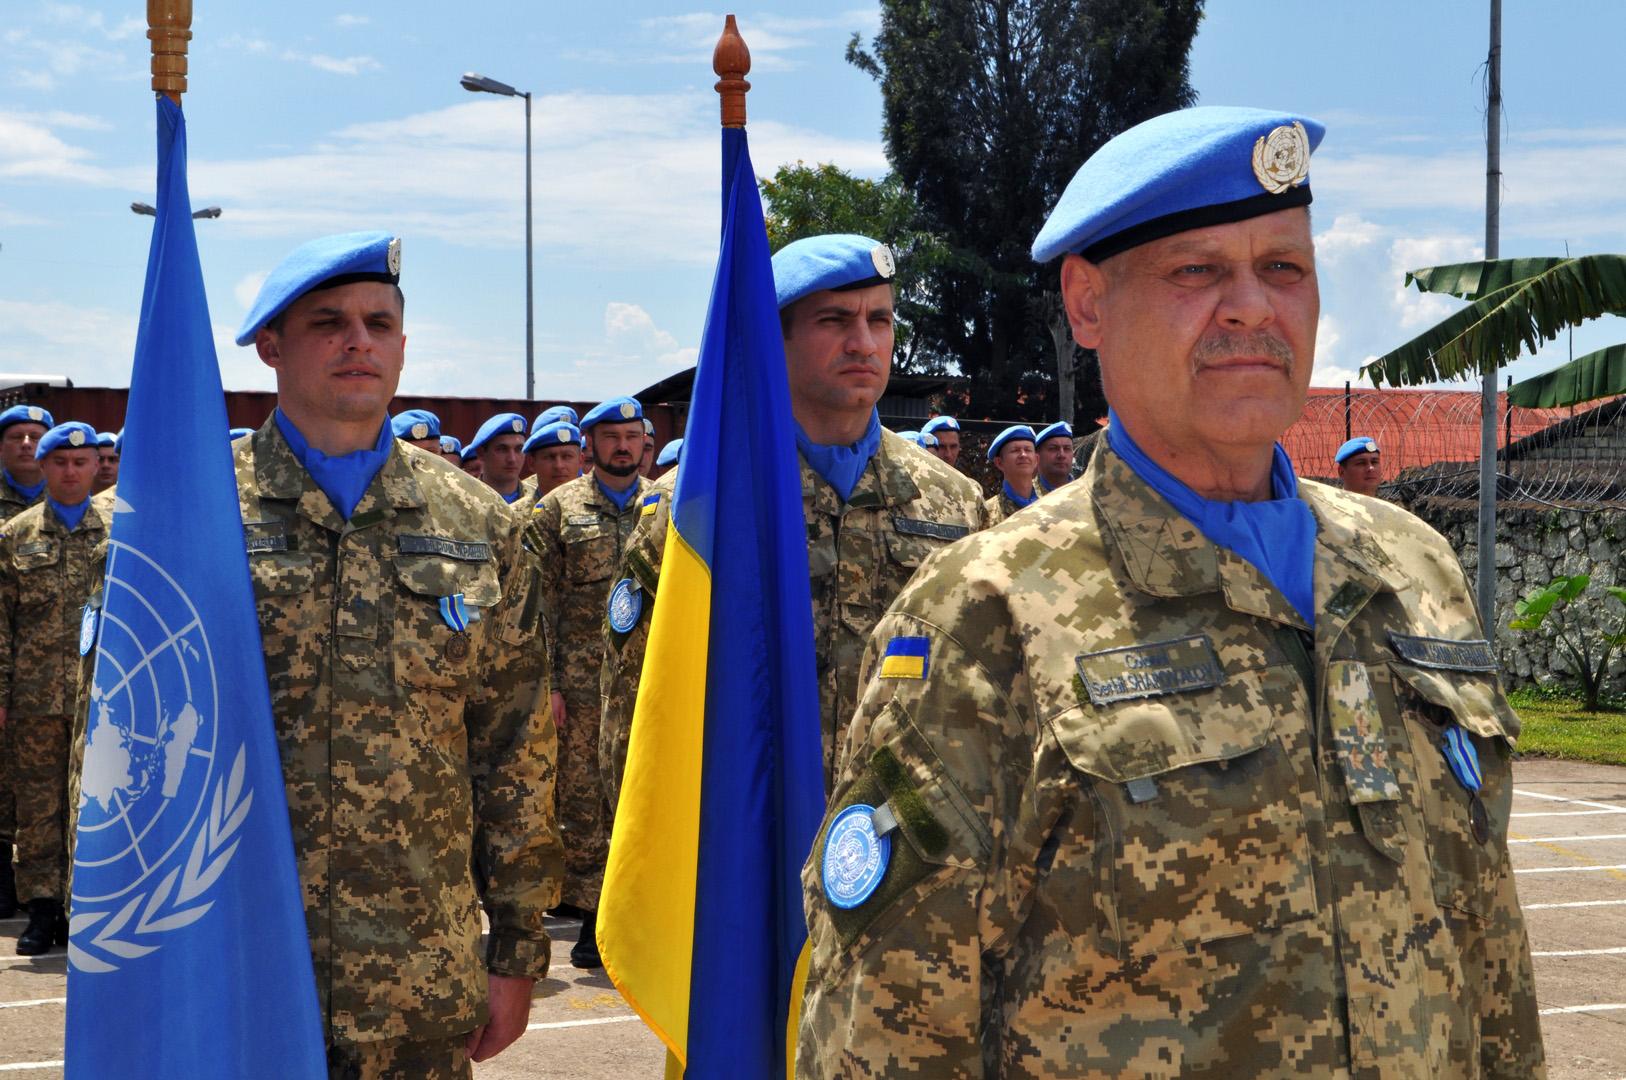 15 липня день українських миротворців, заставка на рабочий стол айфон 5, 1626 на 1080 пикселей